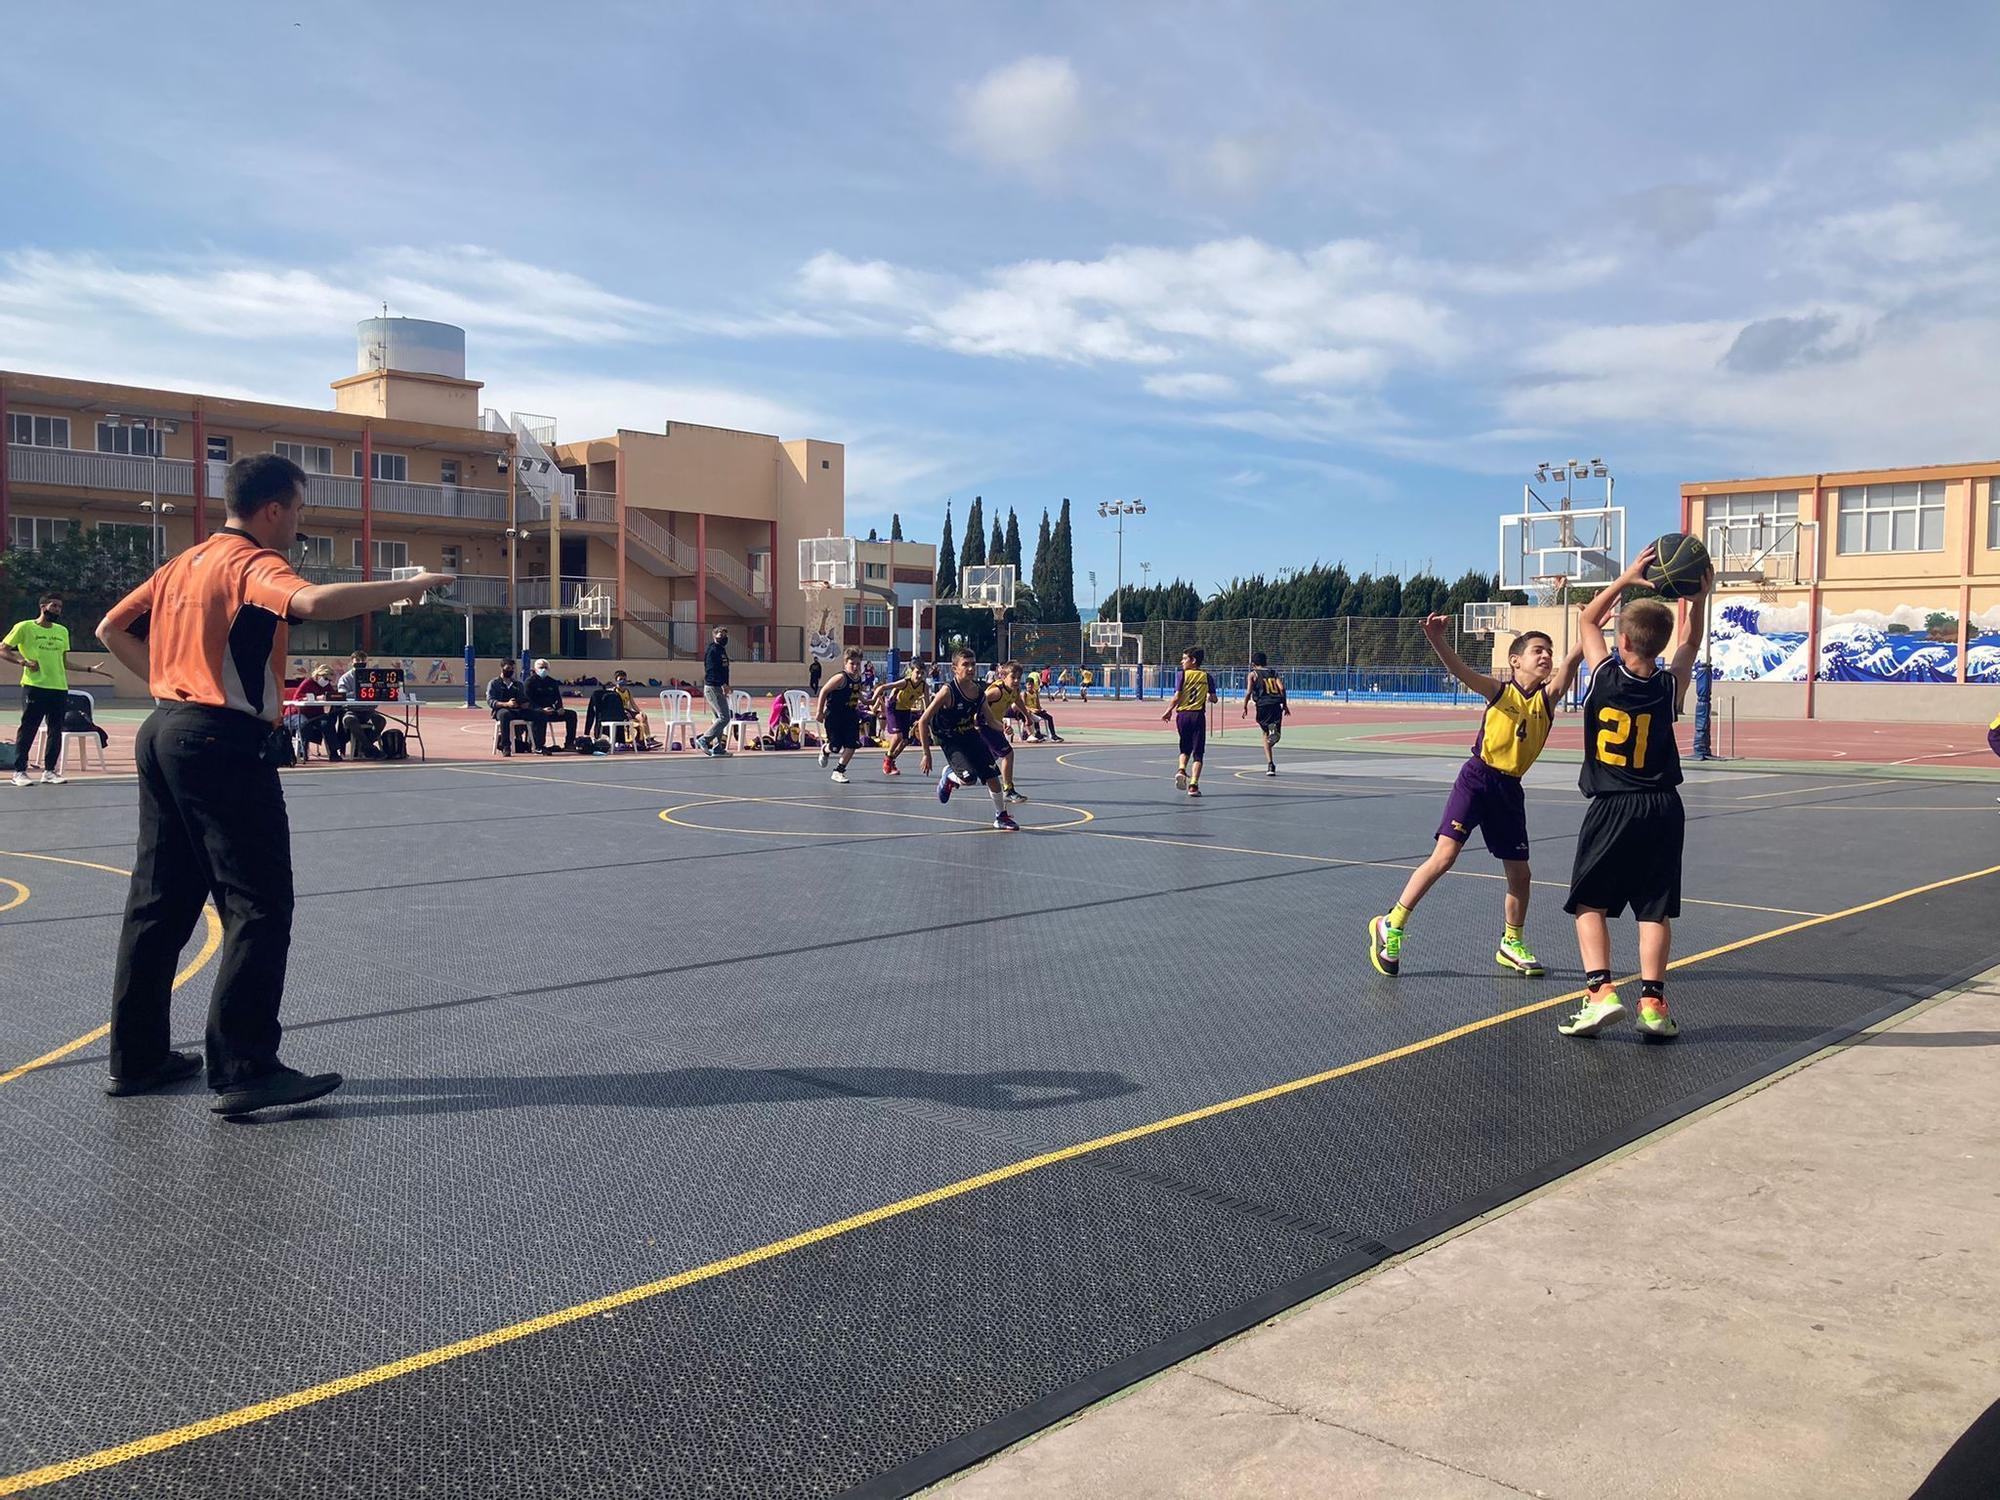 Partido de b�squet en San Josep 1.jpg